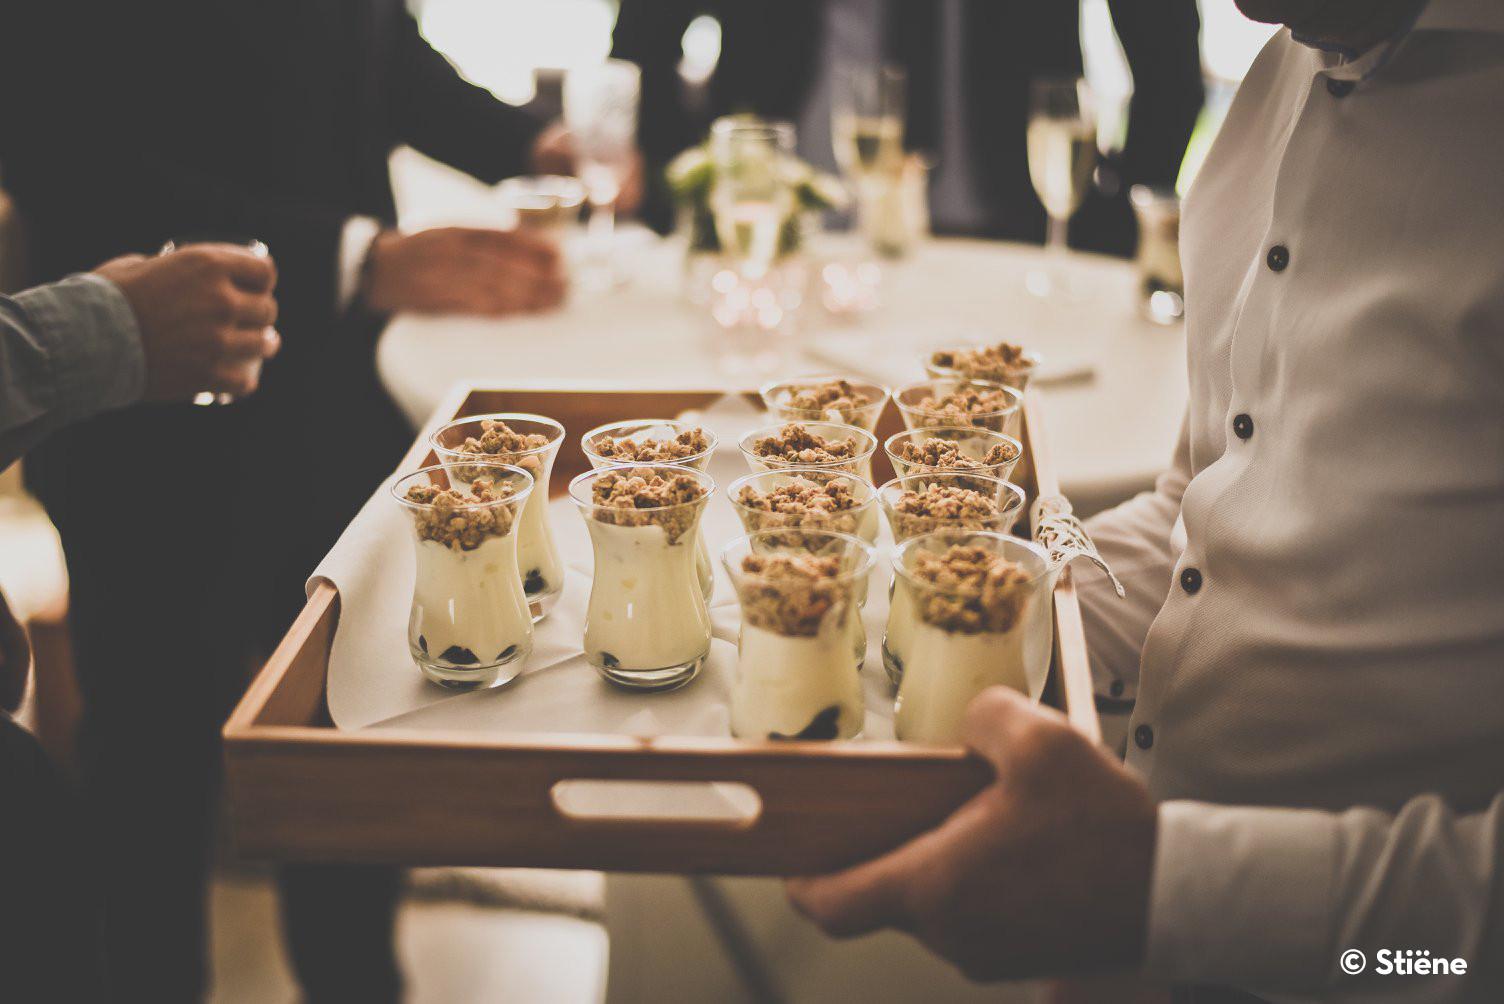 Ontbijt 2 copyright.jpg